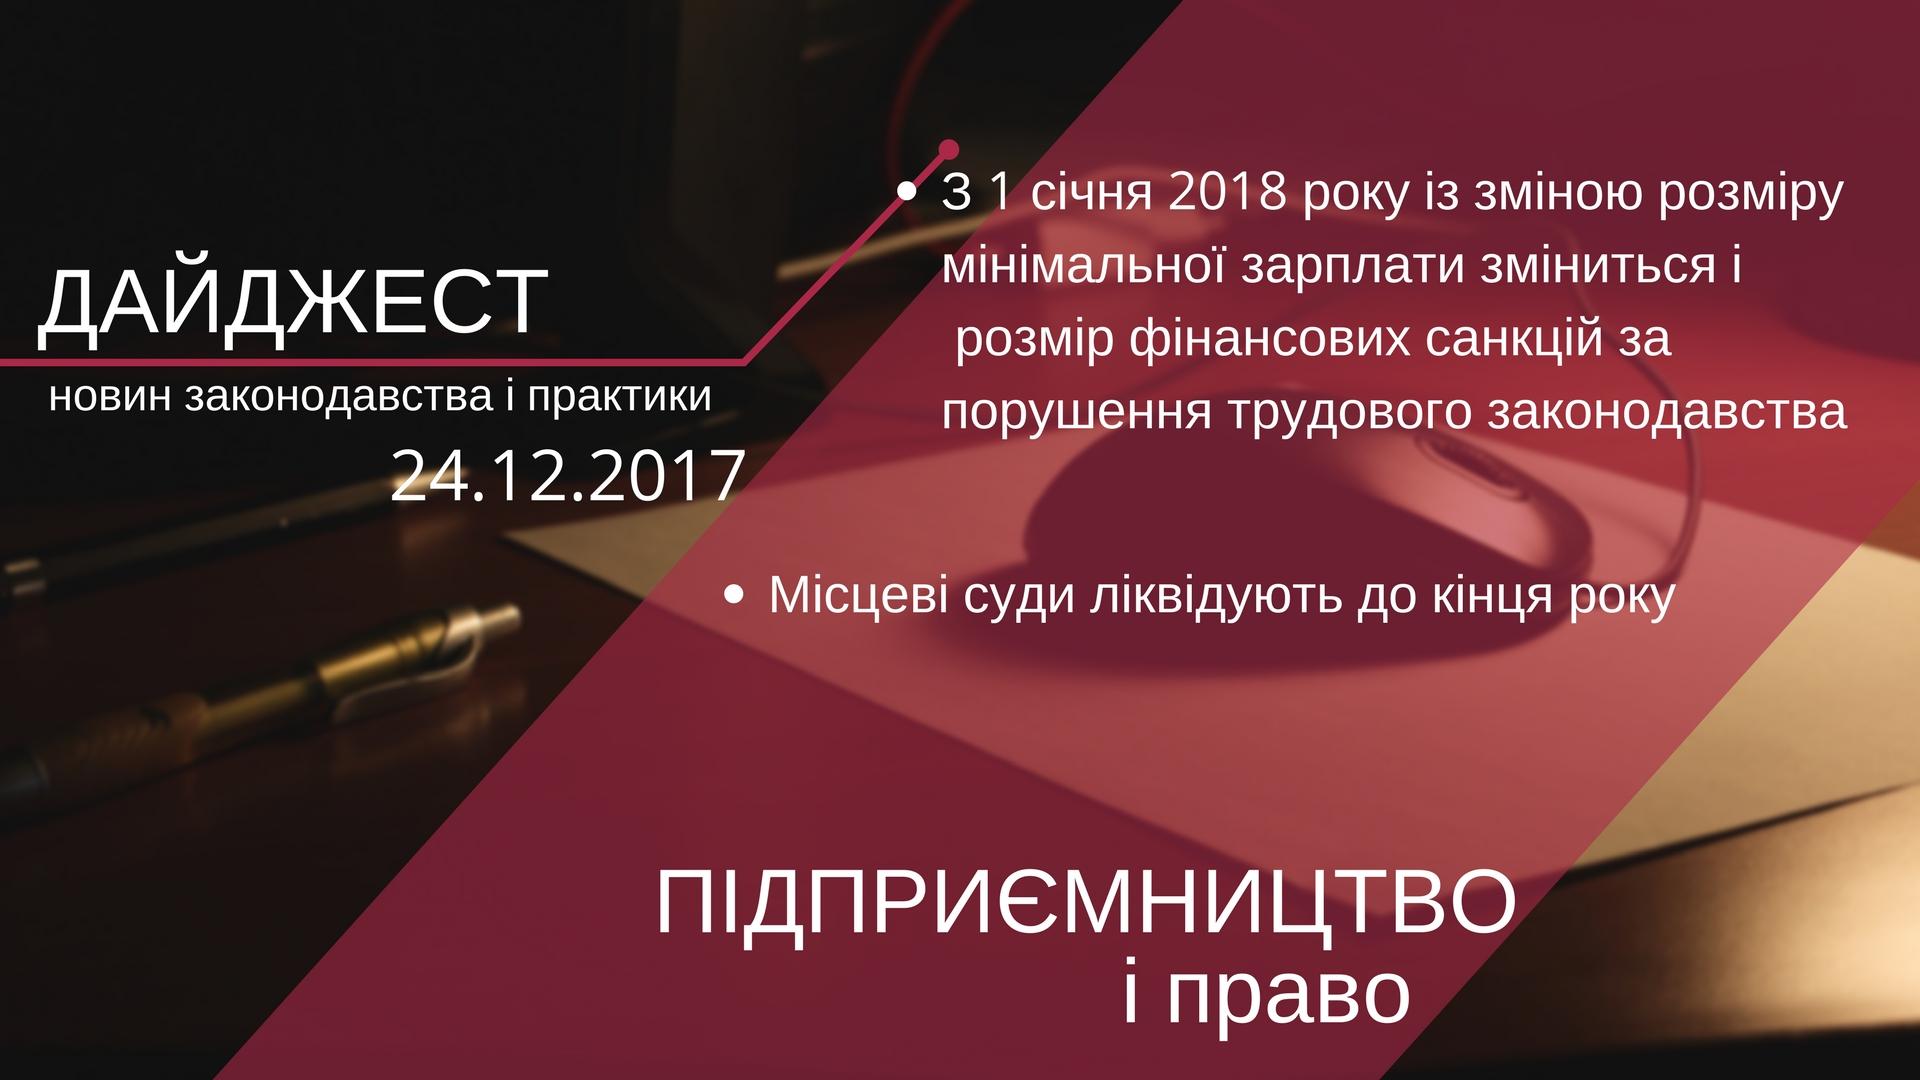 """Дайджест нoвин """"Податки і облік"""" з 18.12.2017 пo 24.12.2017"""